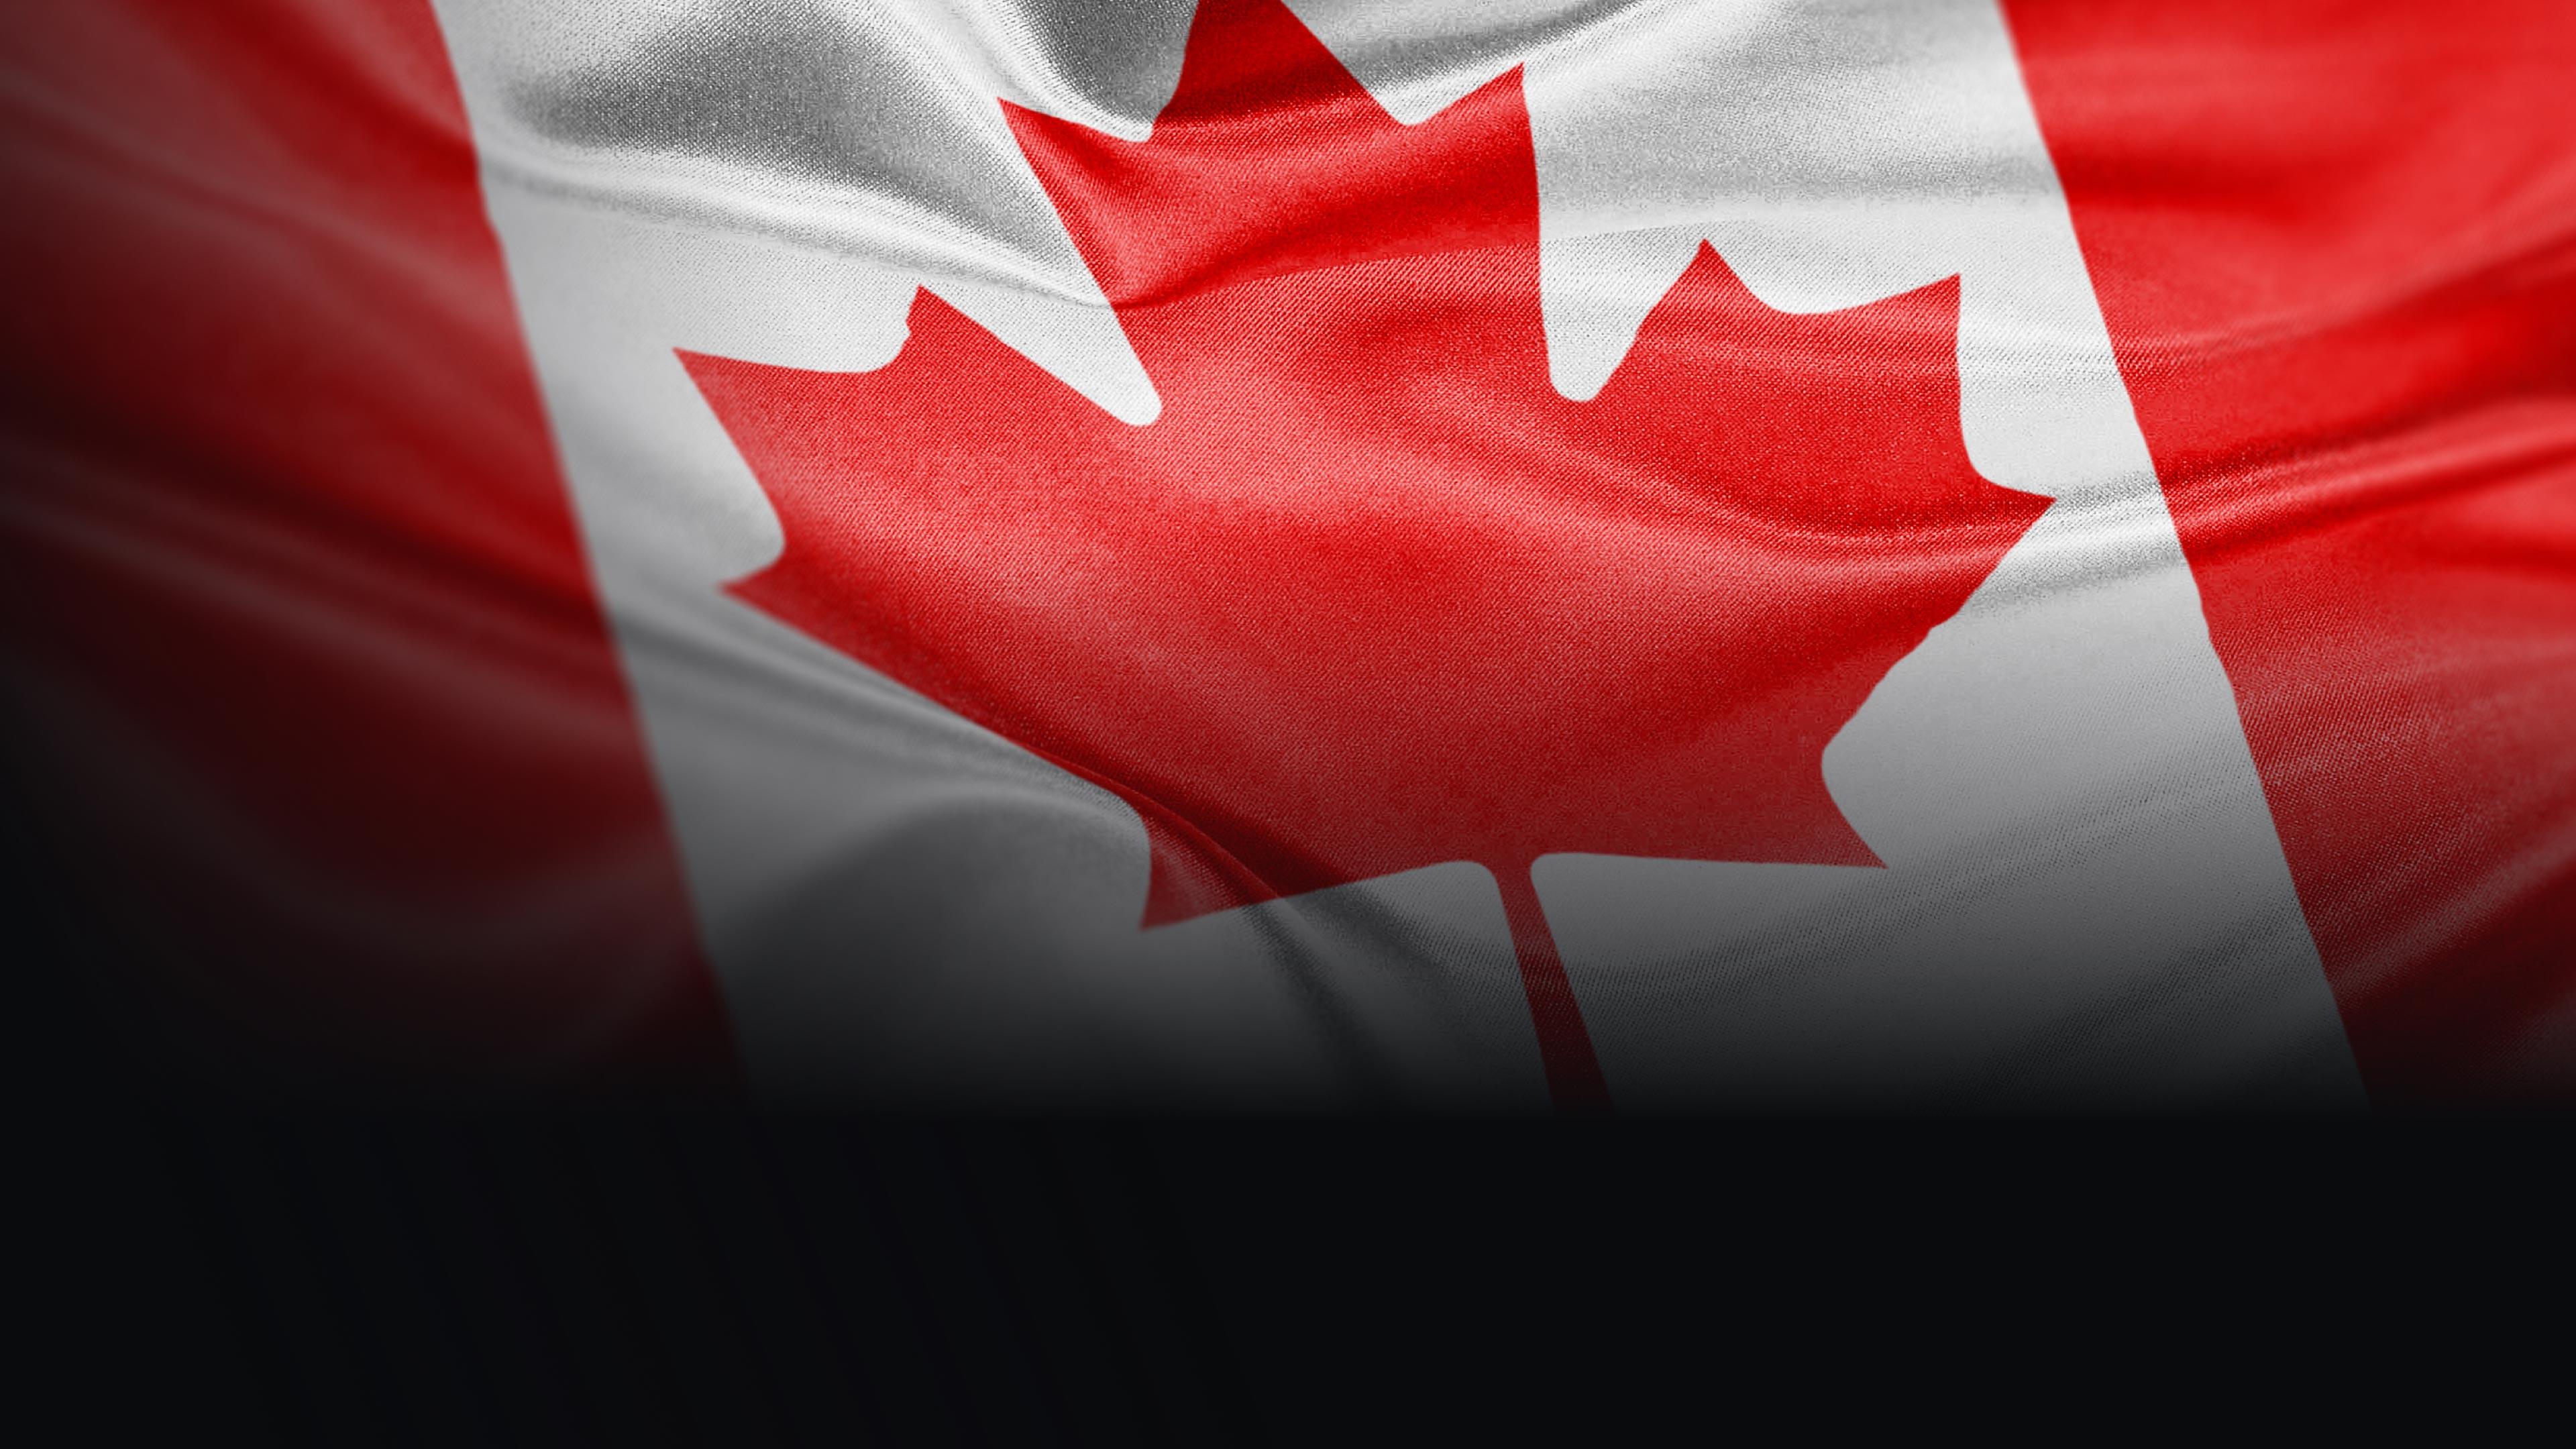 Image de fond Focus sur le Canada